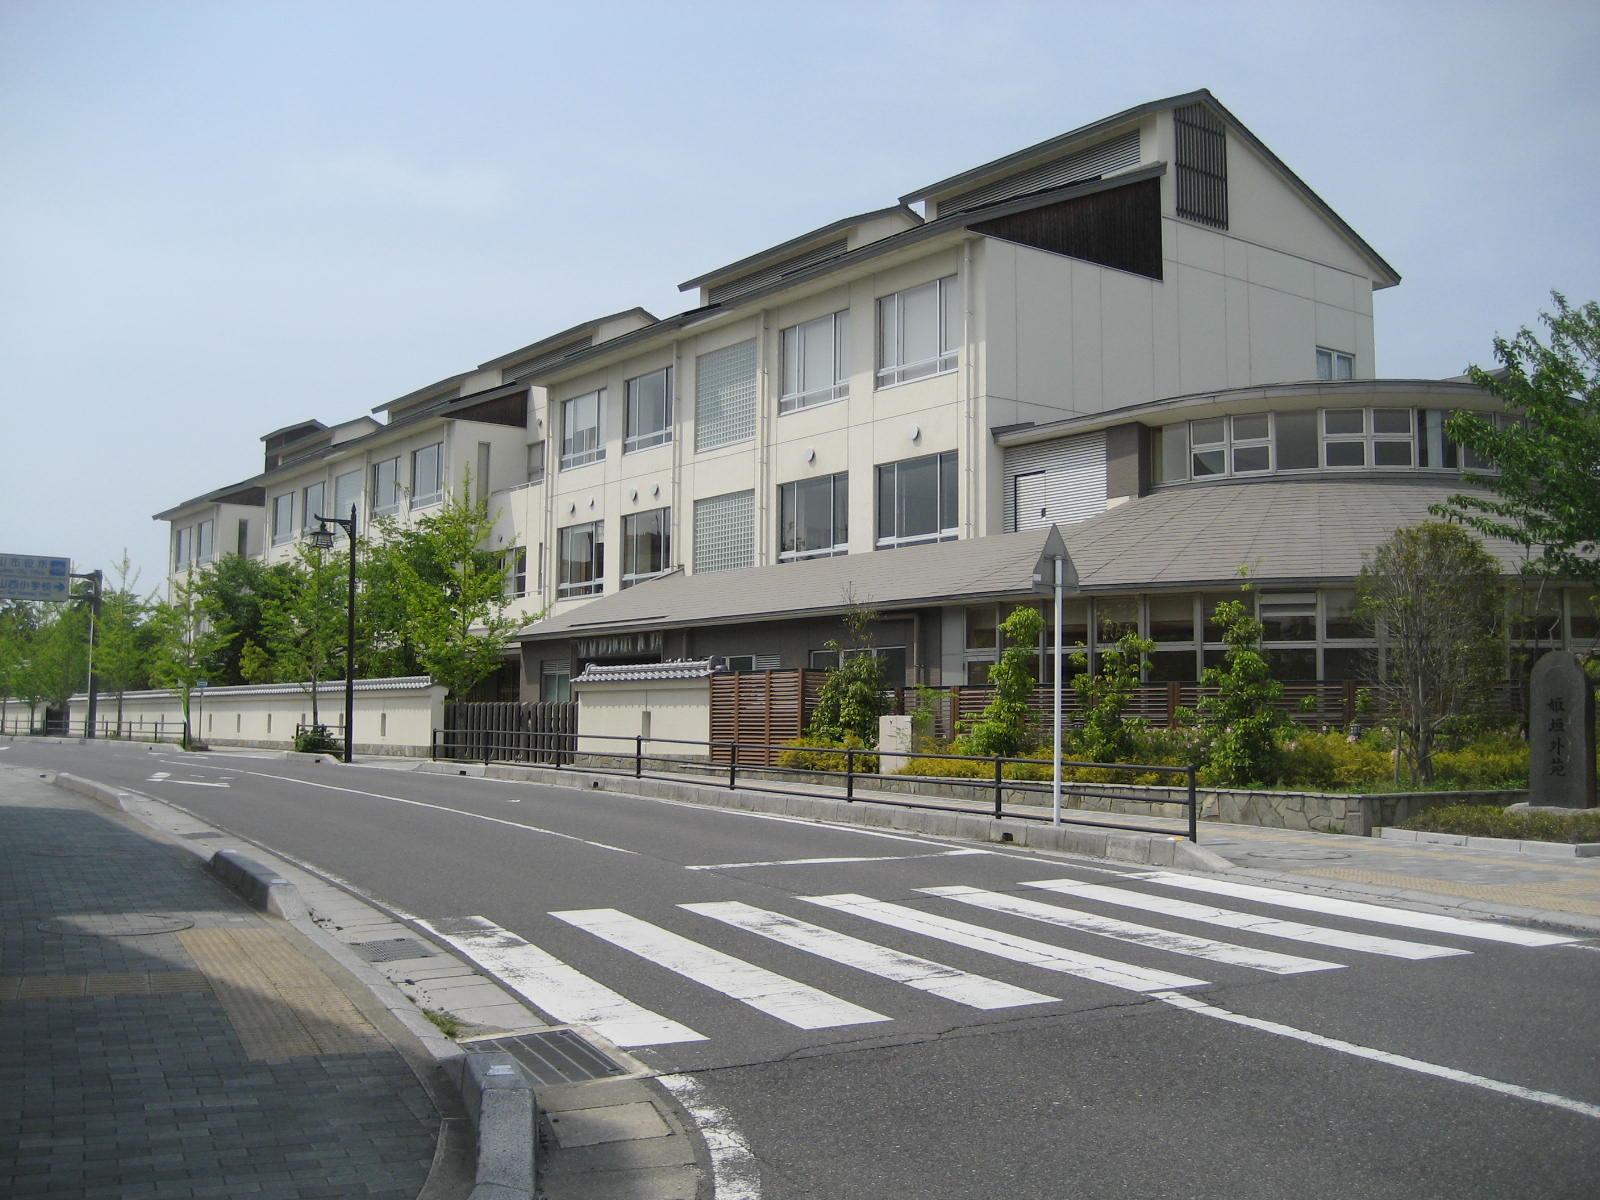 関宿~亀山宿 | 不妊|鍼灸|大阪|卵子の質|鍼灸治療は三ツ川レディース鍼灸院